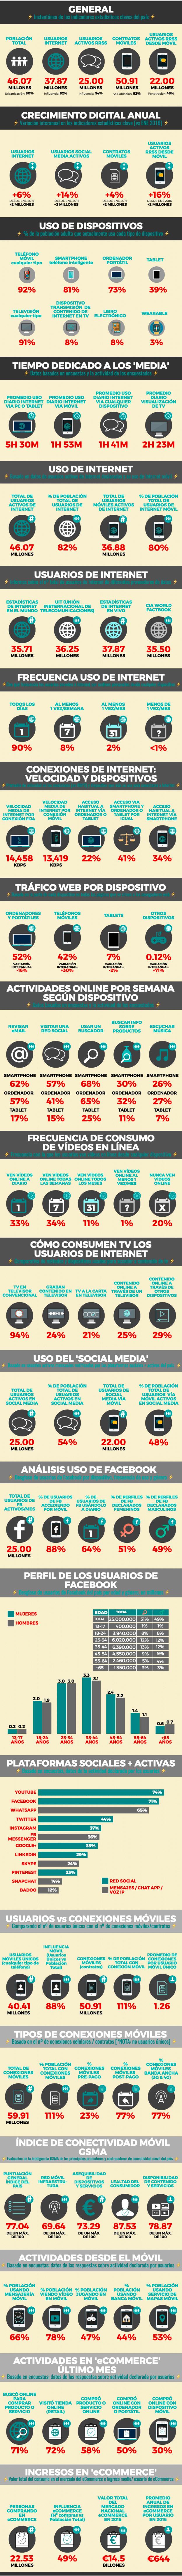 Usuarios Internet, Social Media y Móvil en España   Informe 2017